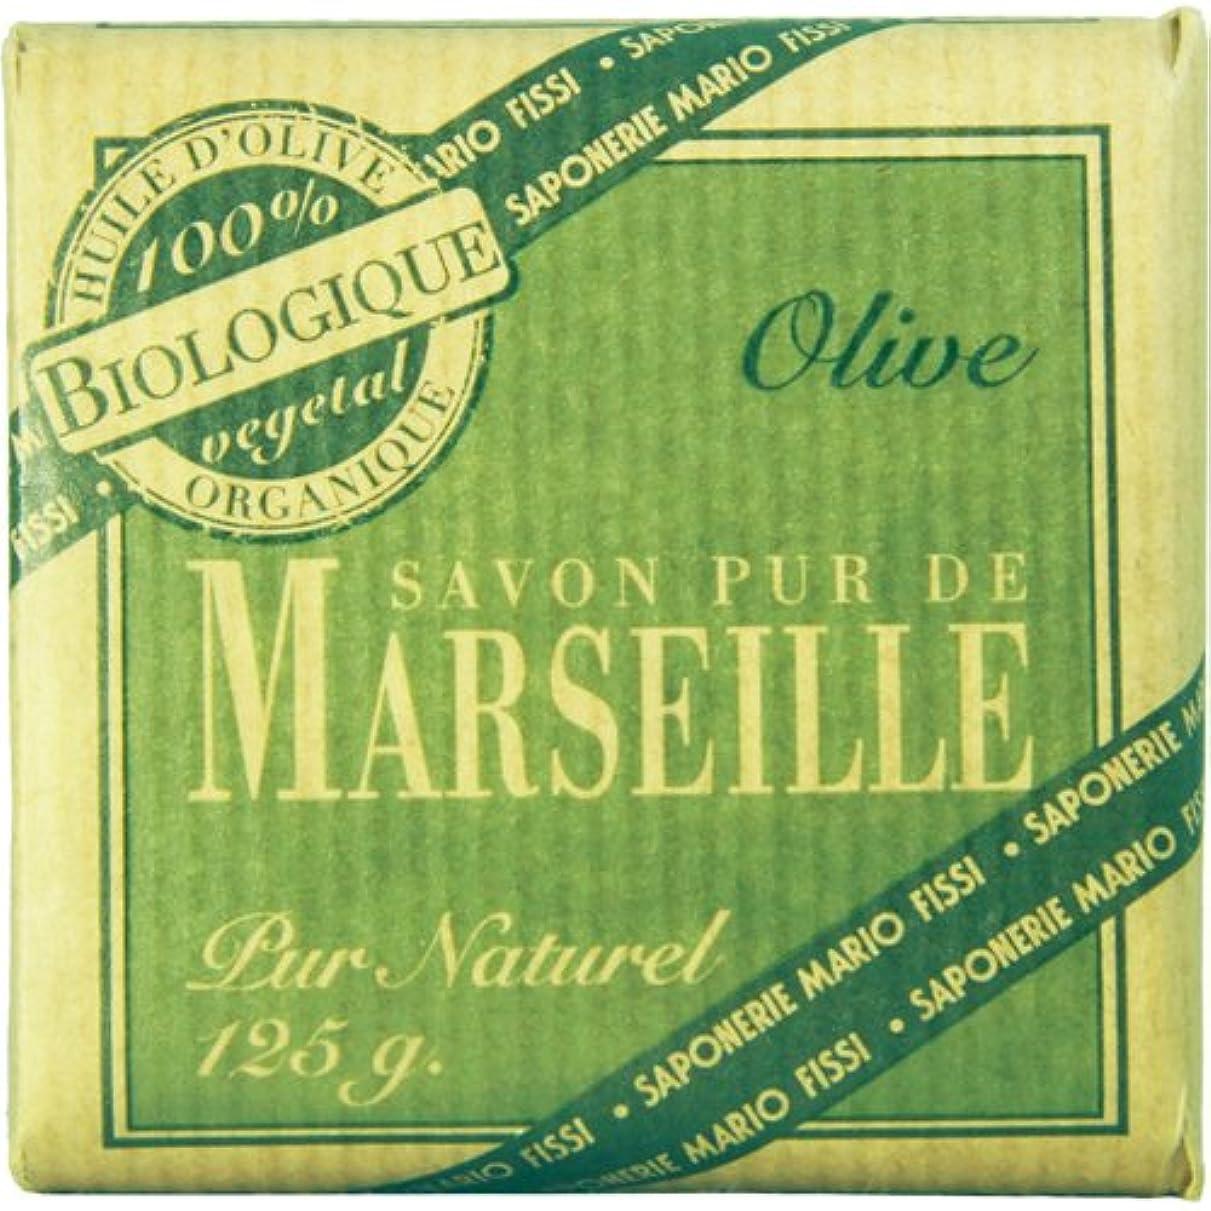 損傷原稿入札Saponerire Fissi マルセイユシリーズ マルセイユソープ 125g Olive オリーブ